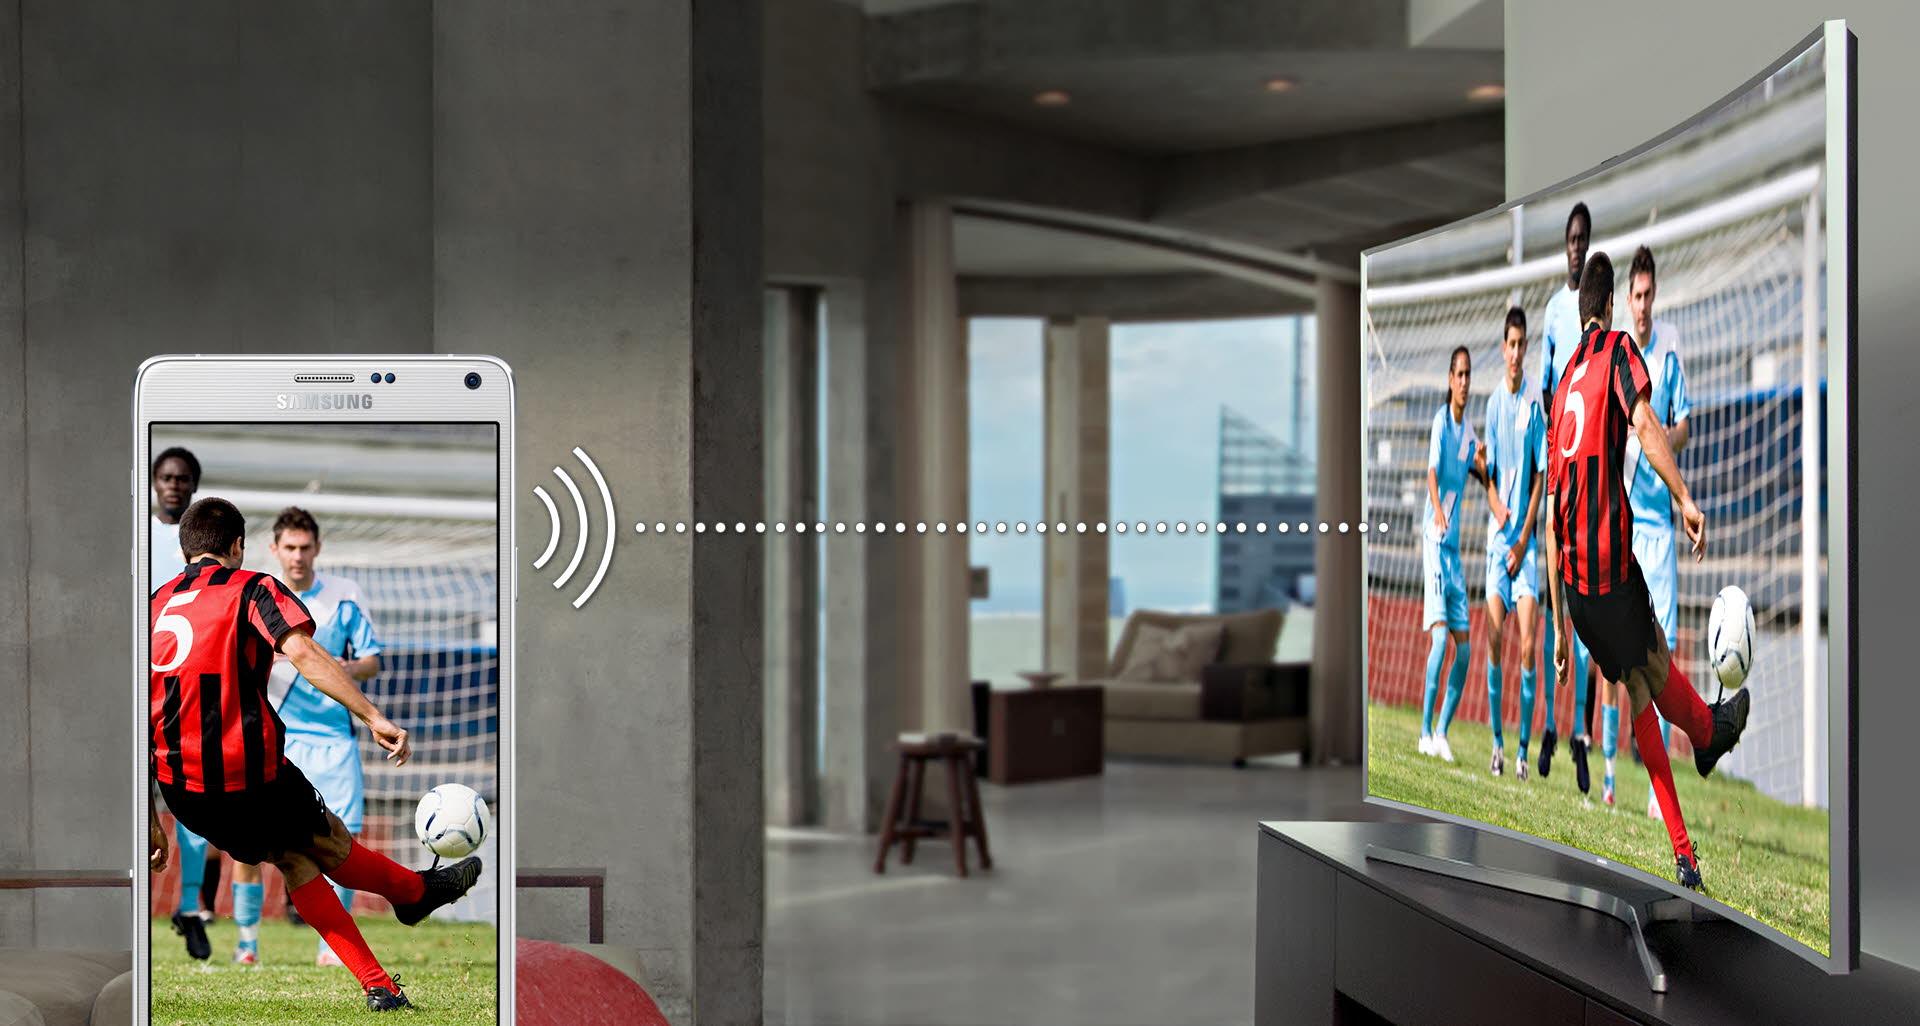 Łatwe łączenie z urządzeniami mobilnymi